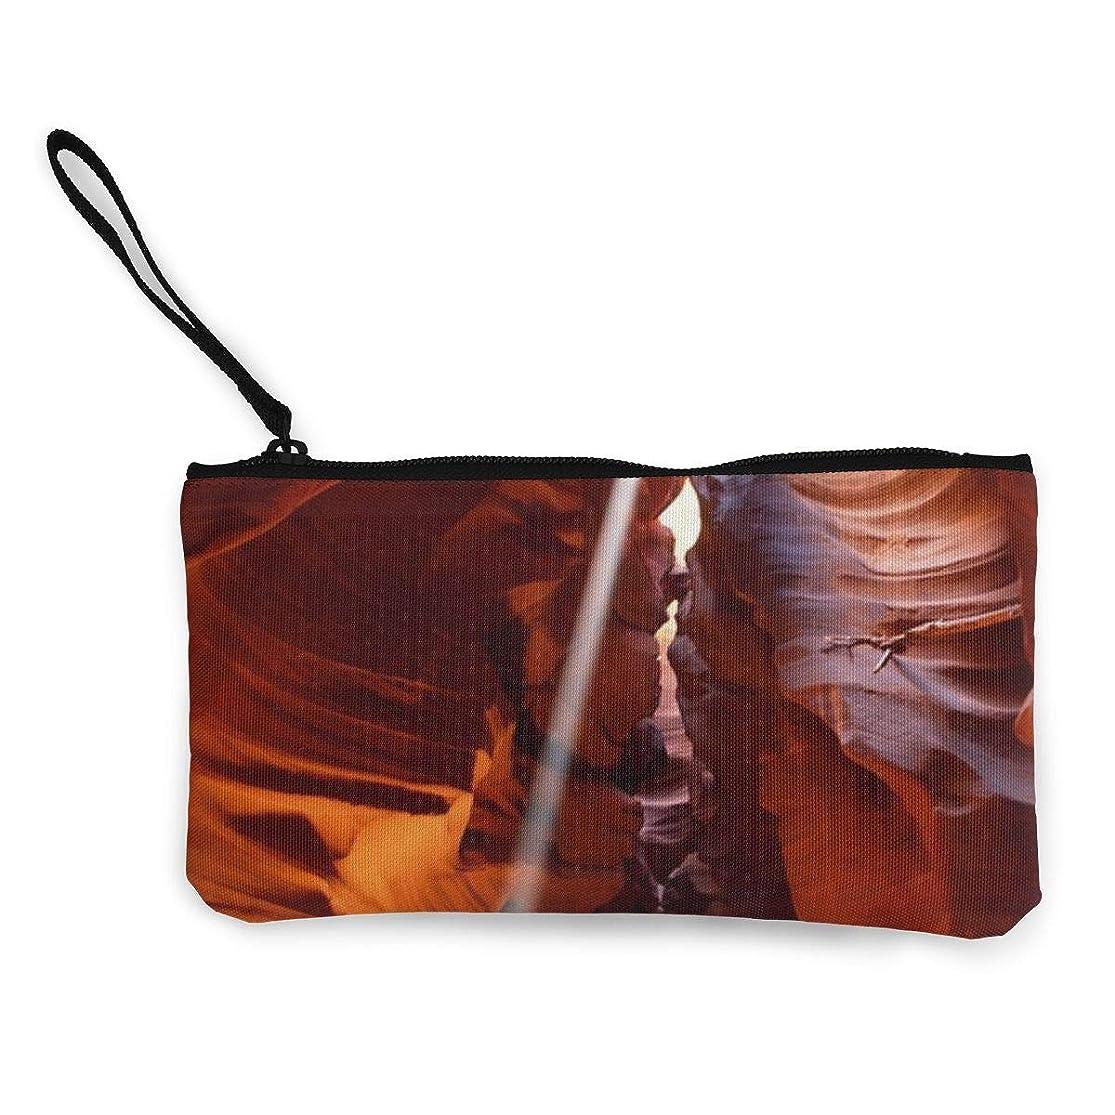 管理しますそのかまどErmiCo レディース 小銭入れ キャンバス財布 スロットキャニオン 小遣い財布 財布 鍵 小物 充電器 収納 長財布 ファスナー付き 22×12cm